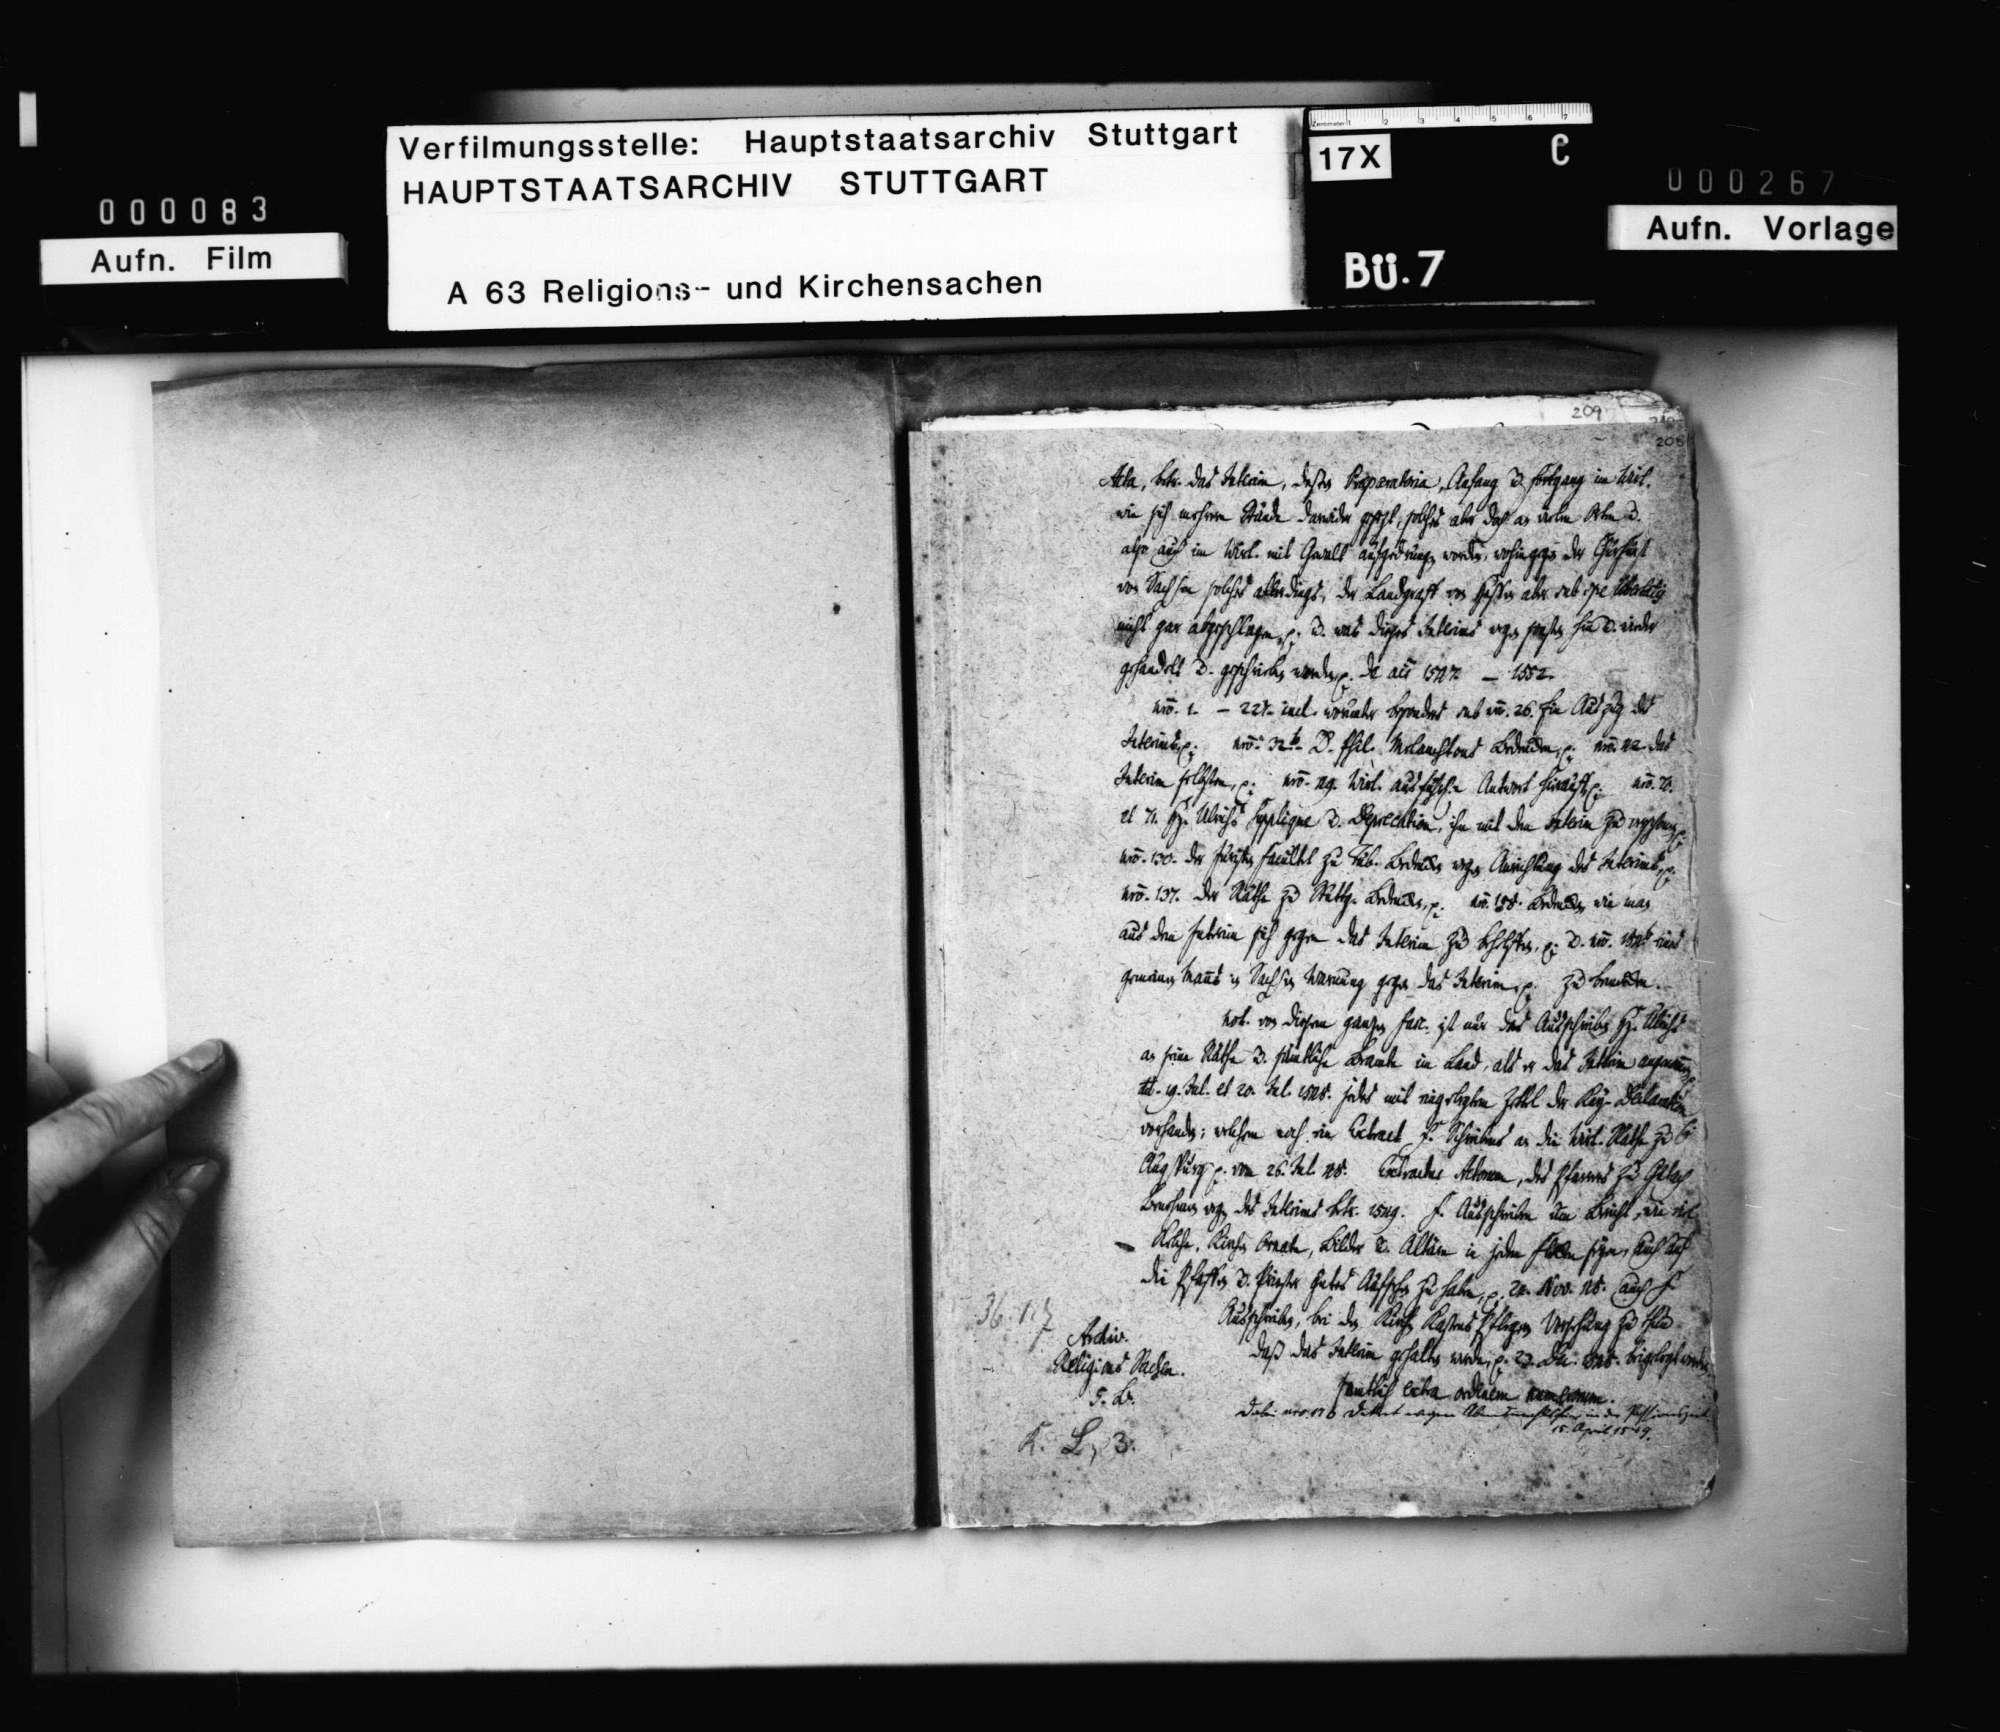 Aktenumschlag mit Angaben zu verlorengegangenen Schriftstücken zum Thema Interim, dessen Vorbereitung, Anhang und Fortgang in Württemberg., Bild 2